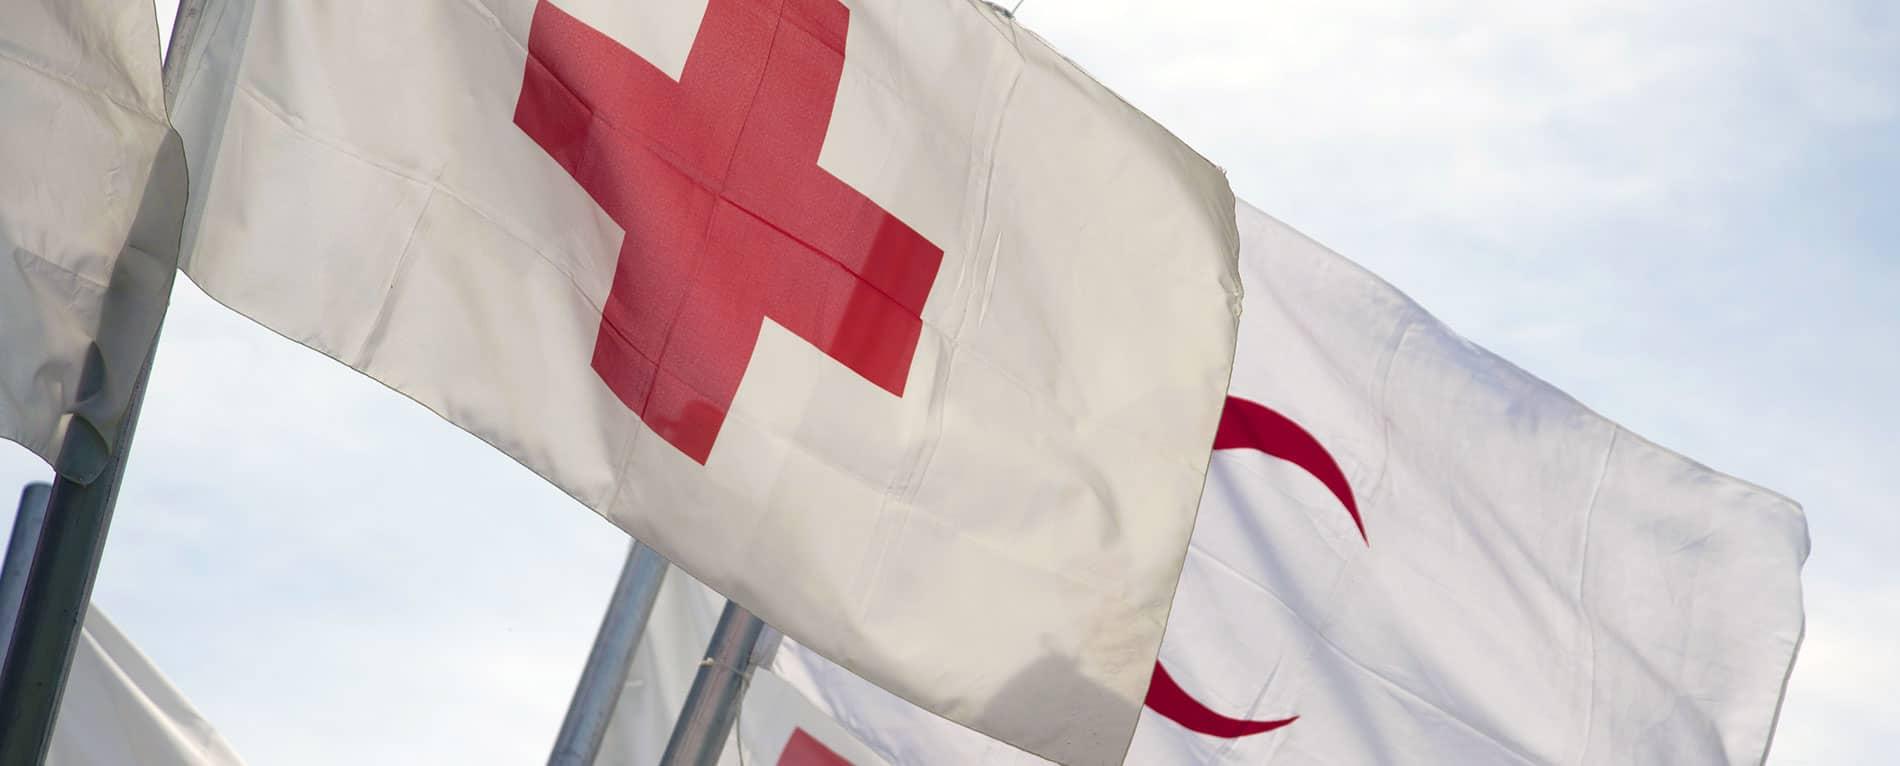 Bandiere Croce Rossa e Mezza Luna Rossa